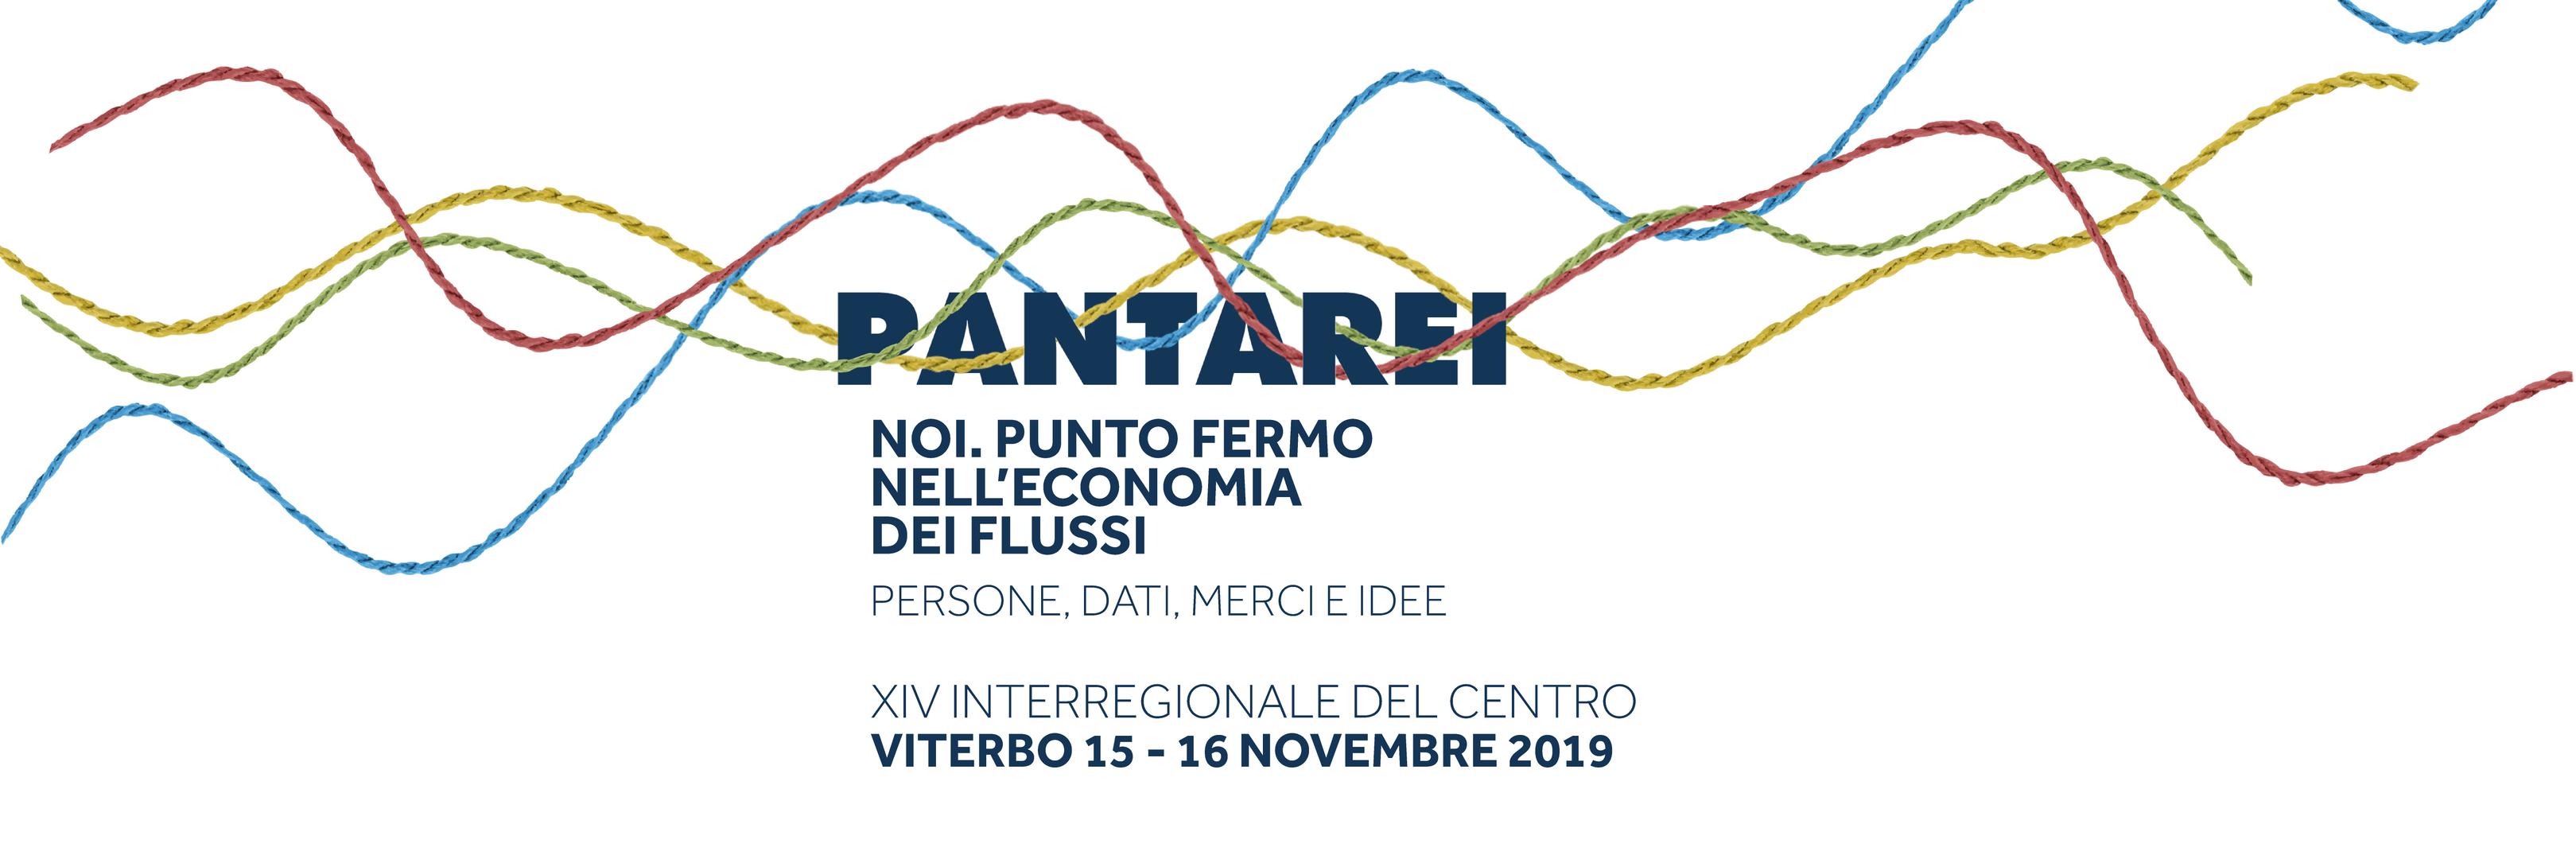 Pantarei_XIV INTERREGIONALE DEL CENTRO